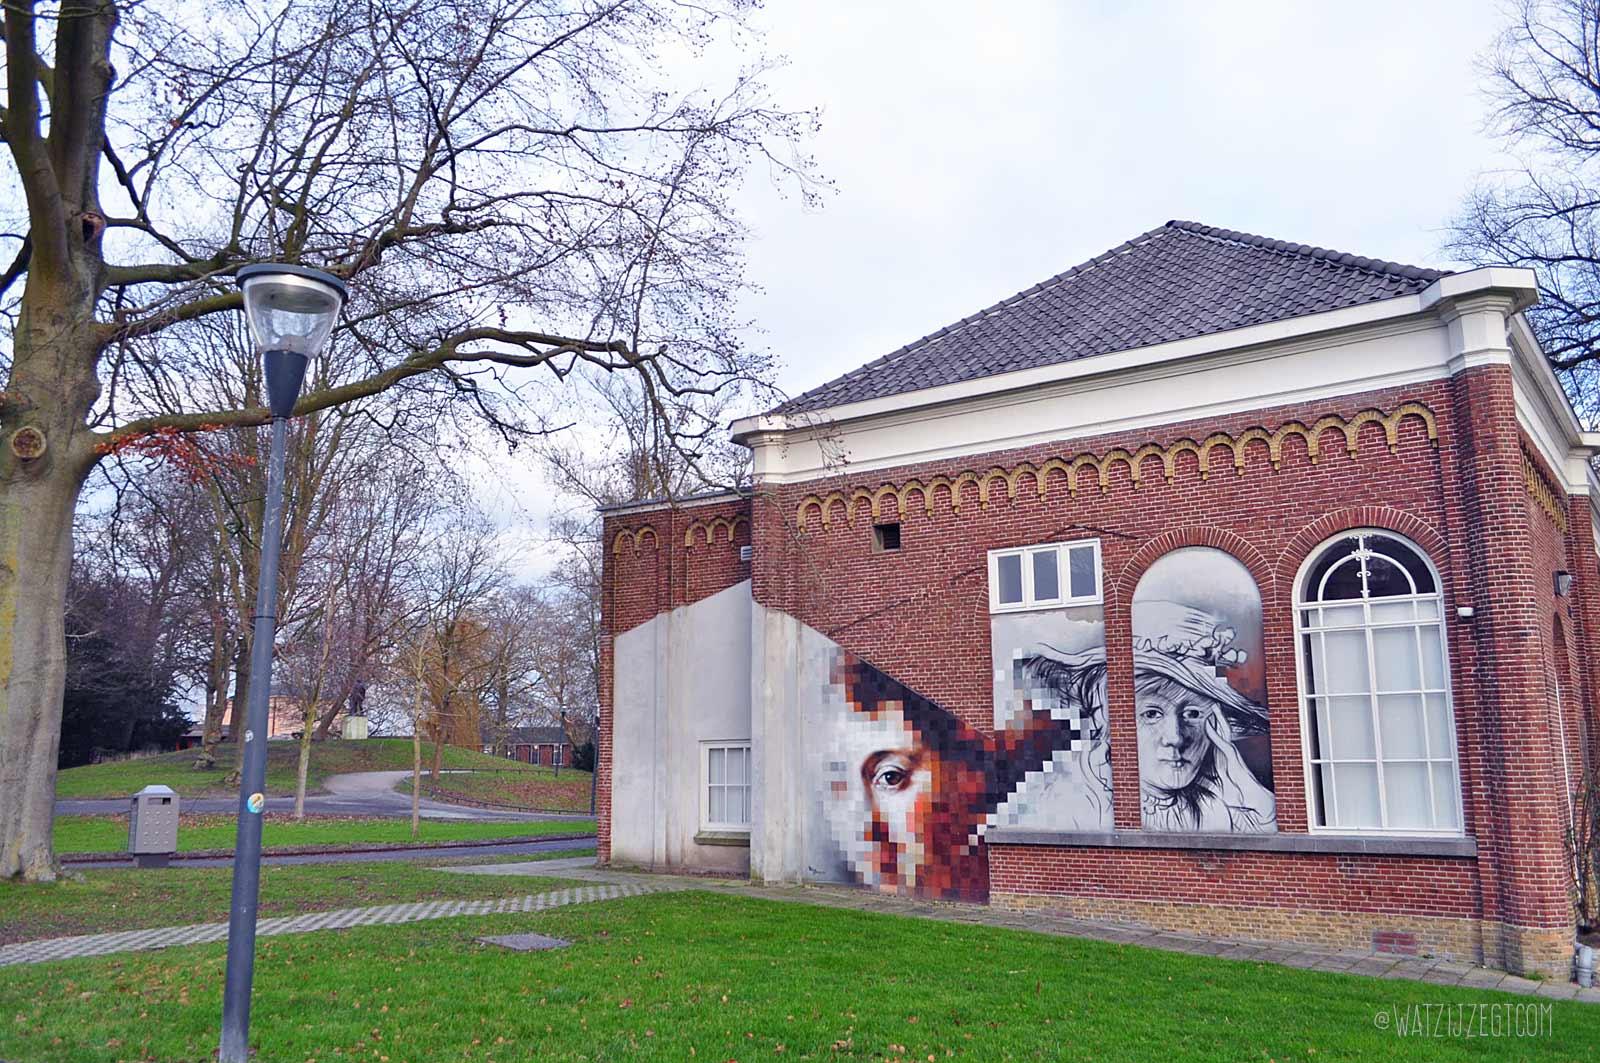 Street art in Leeuwarden